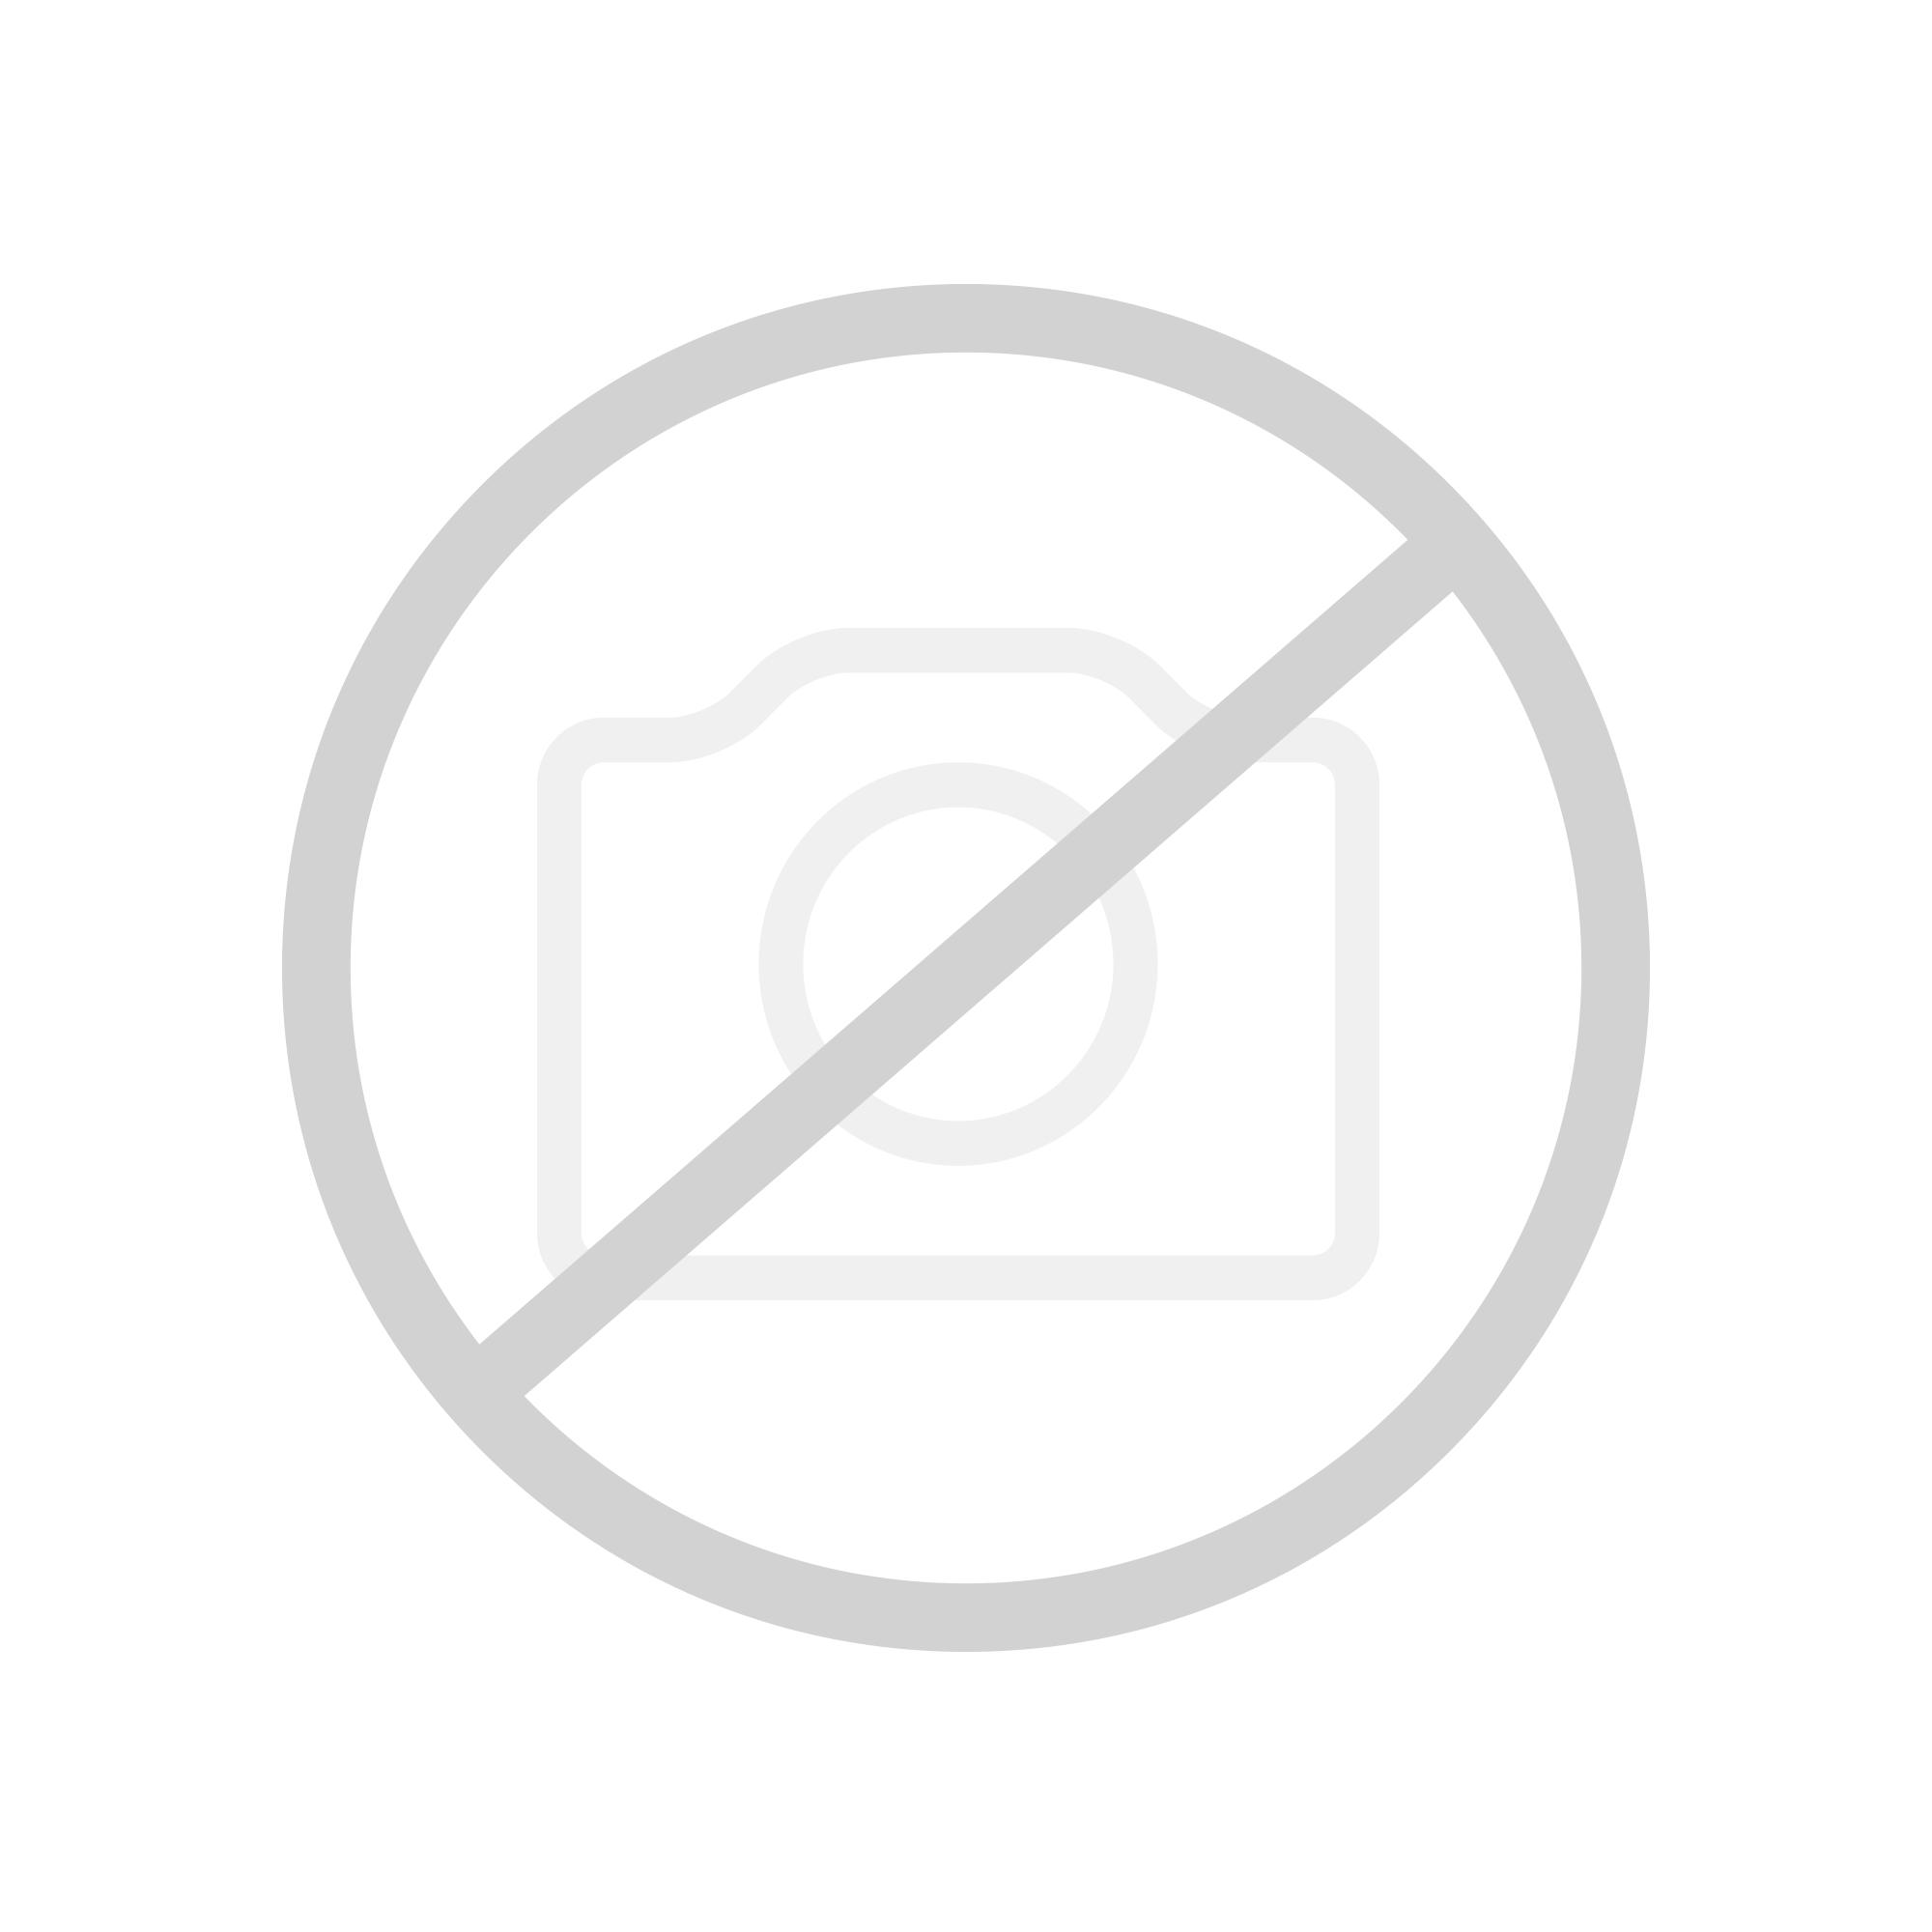 Schneider CAPELINE Spiegelschrank B: 120 H: 80 T: 15 cm, 3 Türen